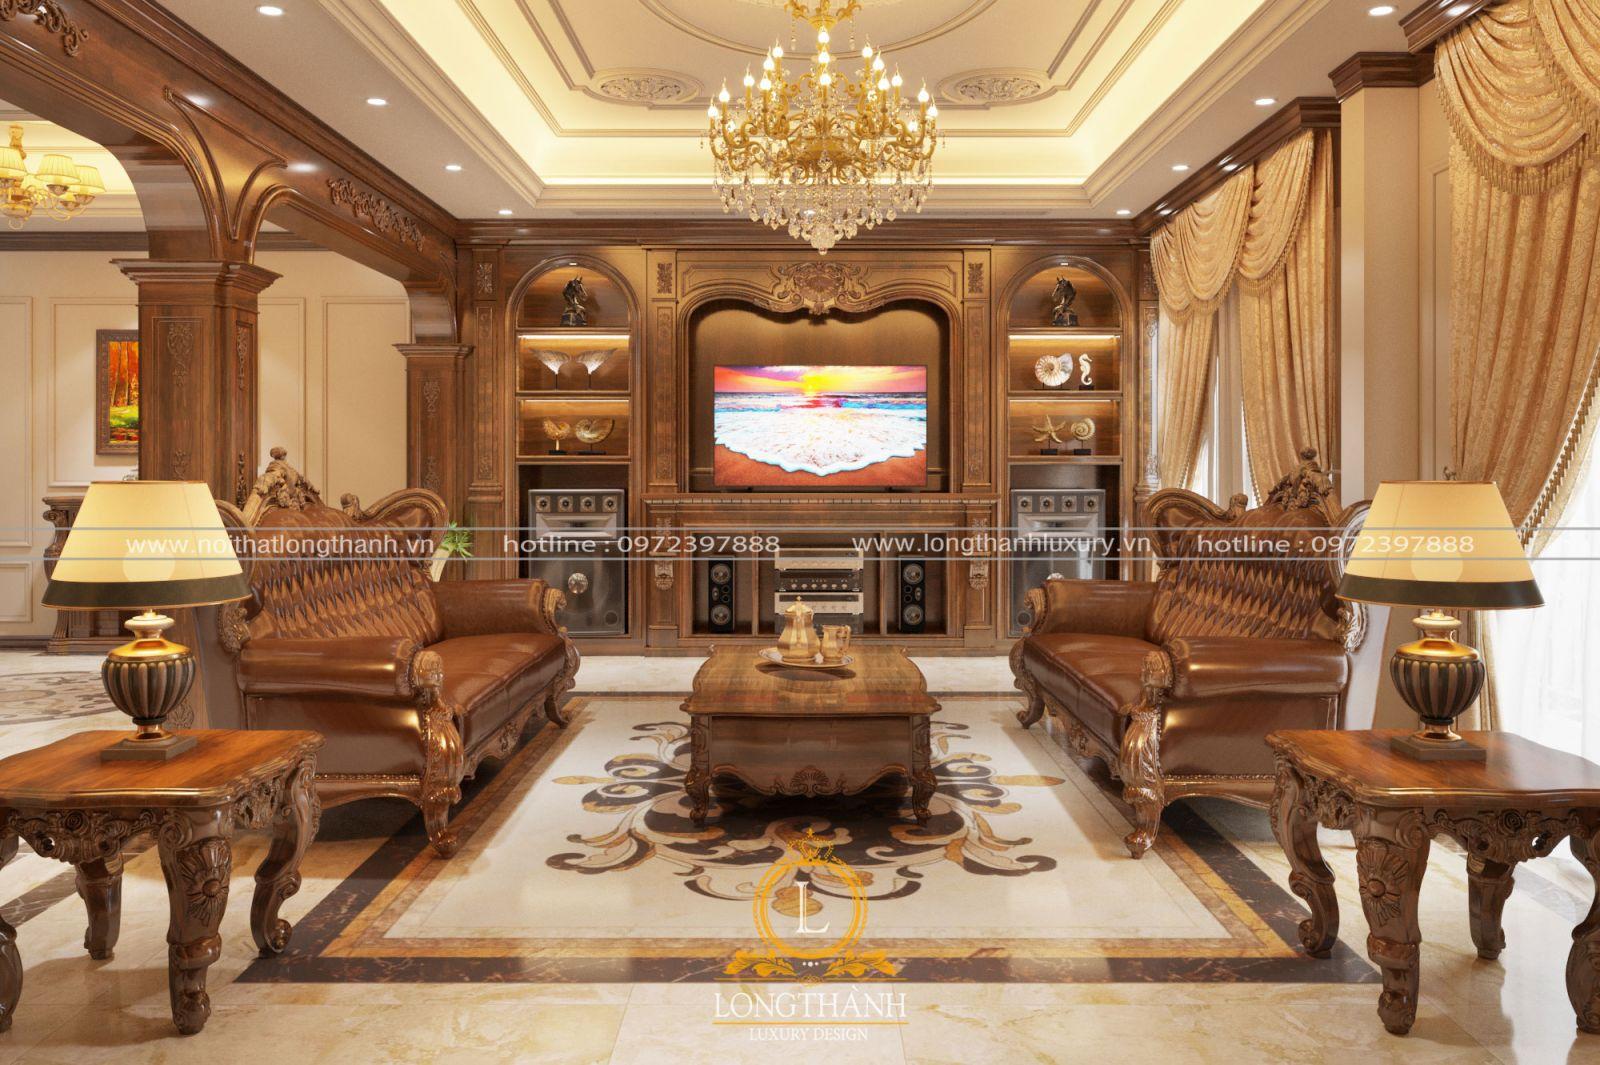 Thiết kế nội thất nhà phố theo phong cách tân cổ điển sang trọng